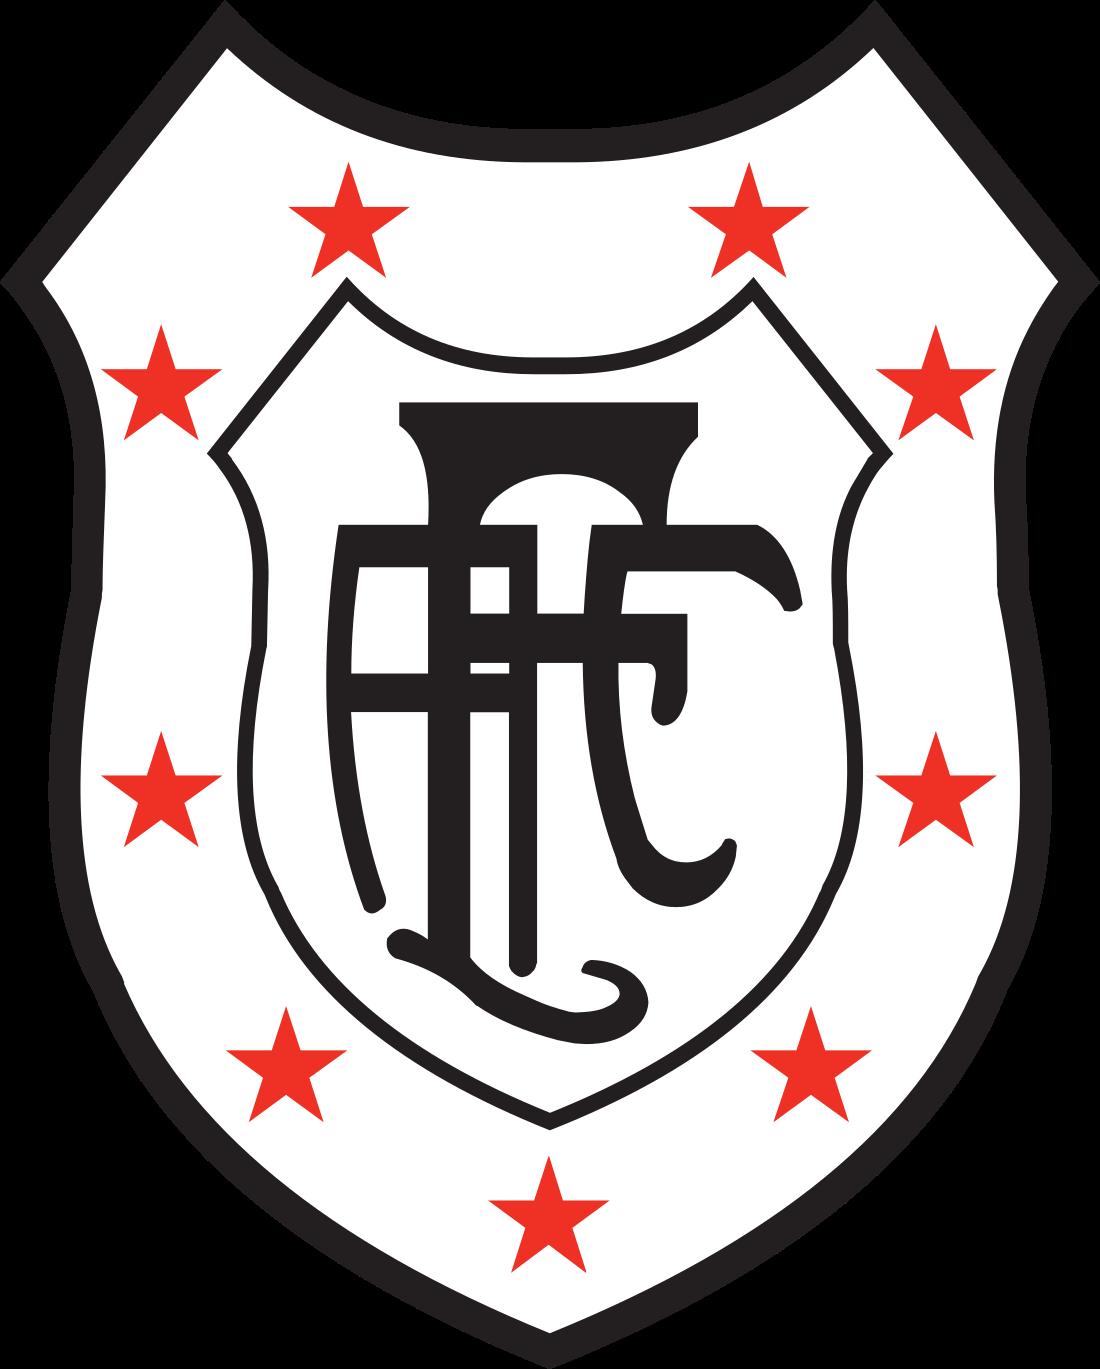 americano-rj-logo-escudo-3